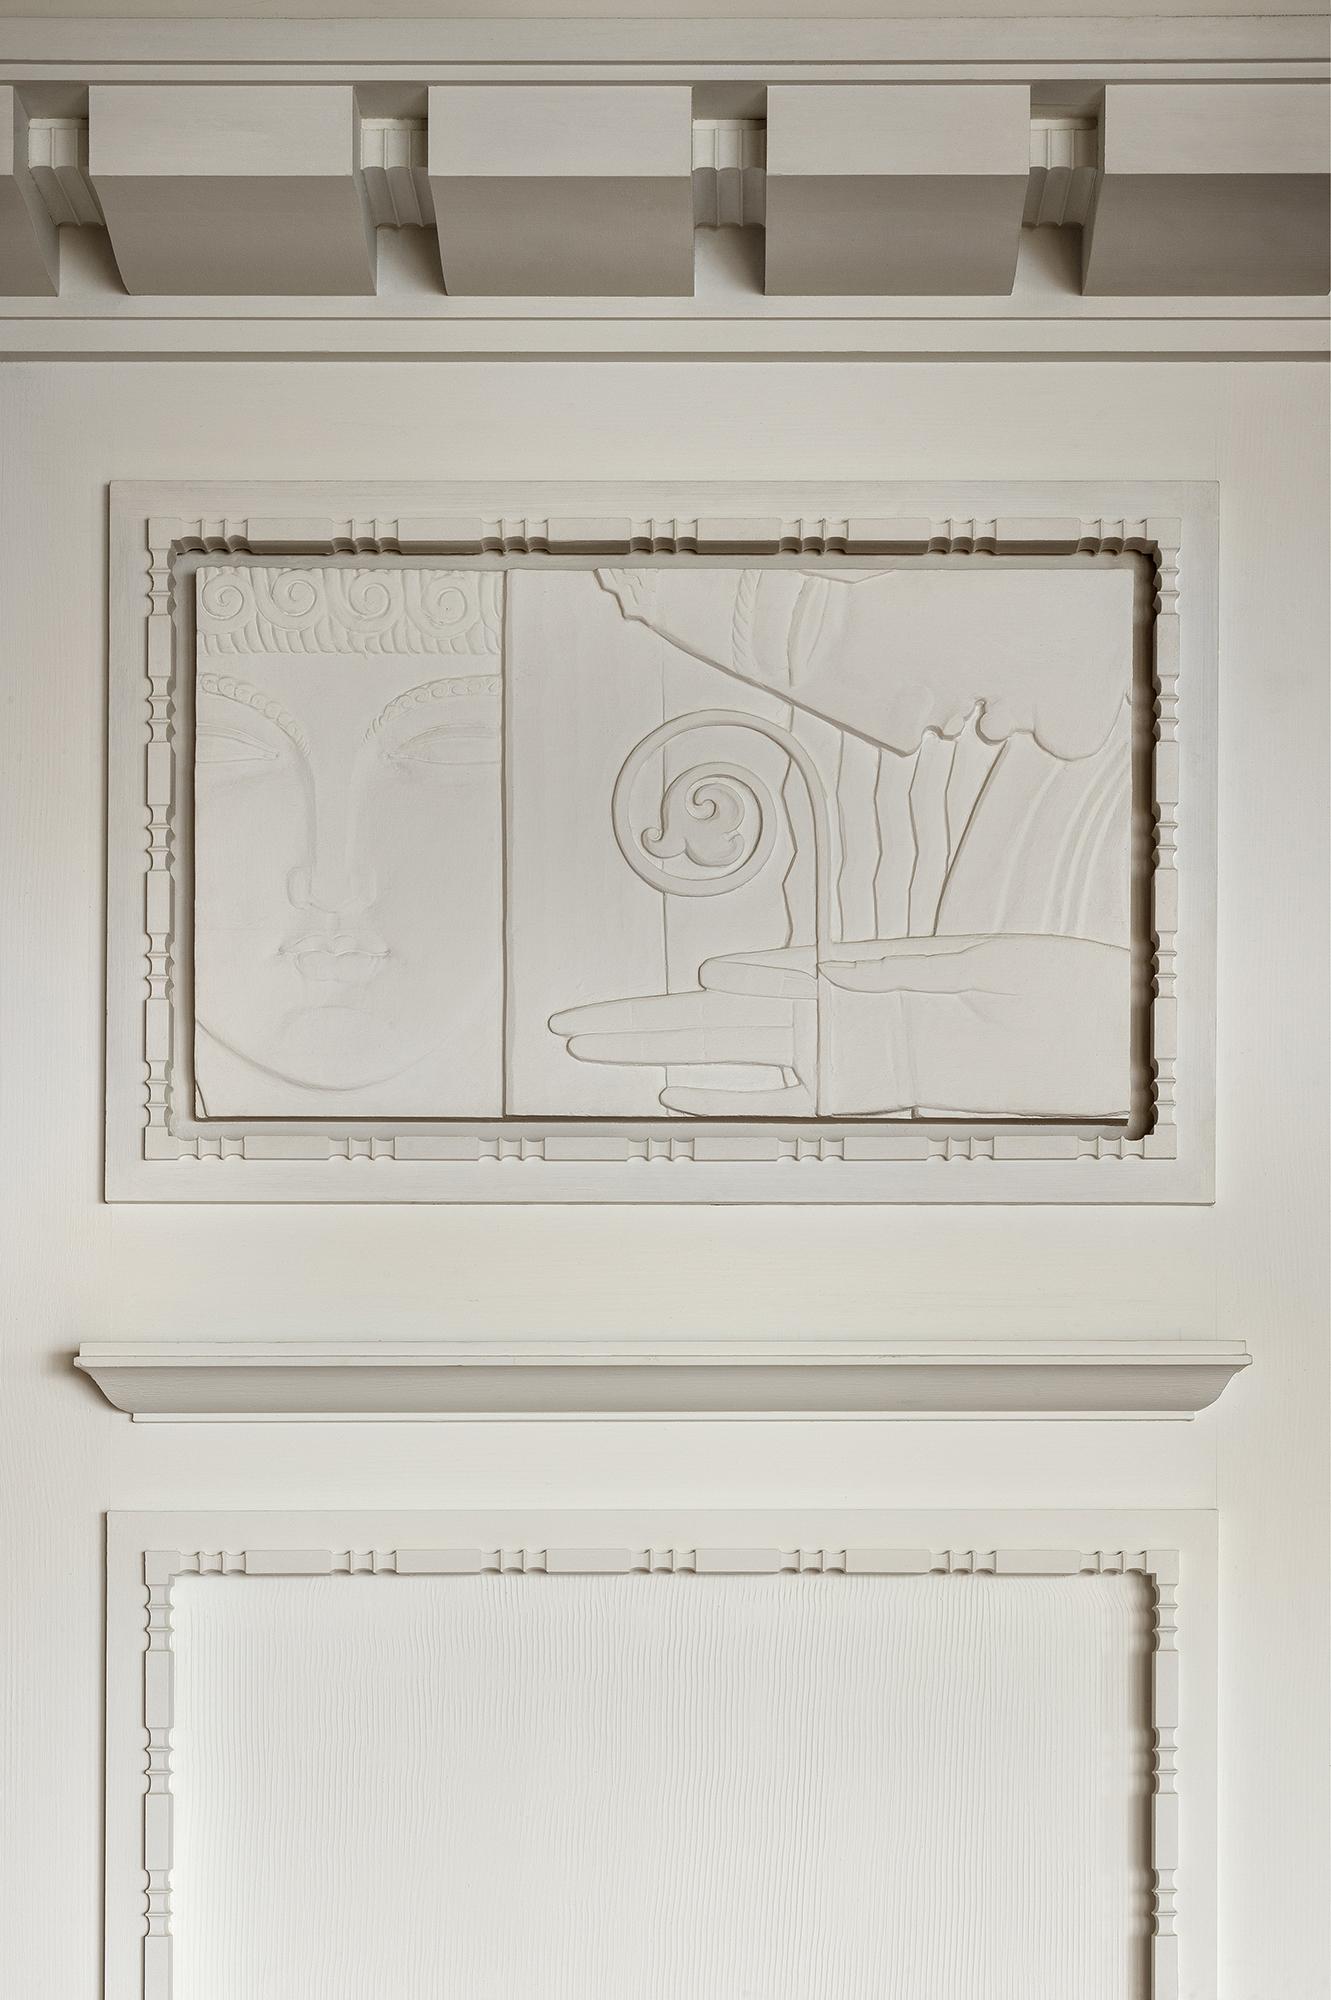 Bas-relief d'inspiration Ruhlmann à Monaco, détail